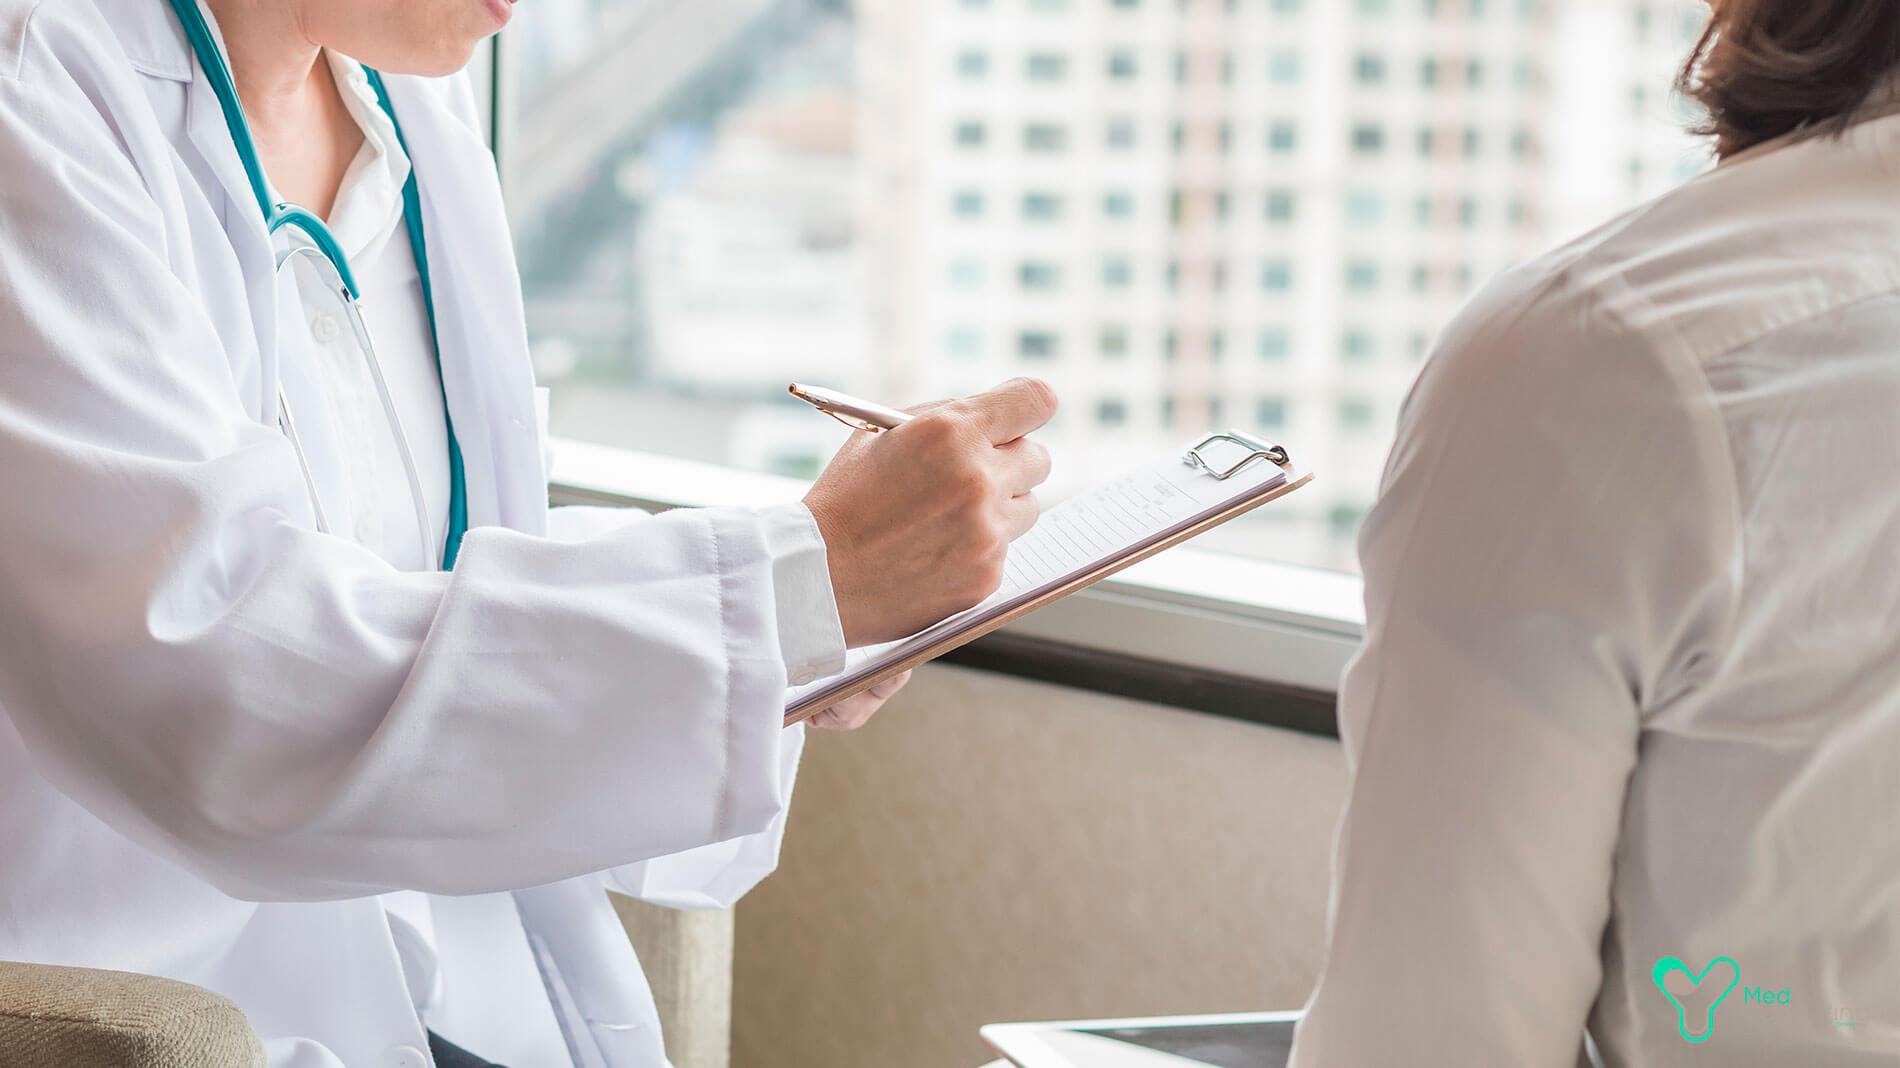 Частная клиника требует 450 млн рублей за сверхплановое лечение по ОМС